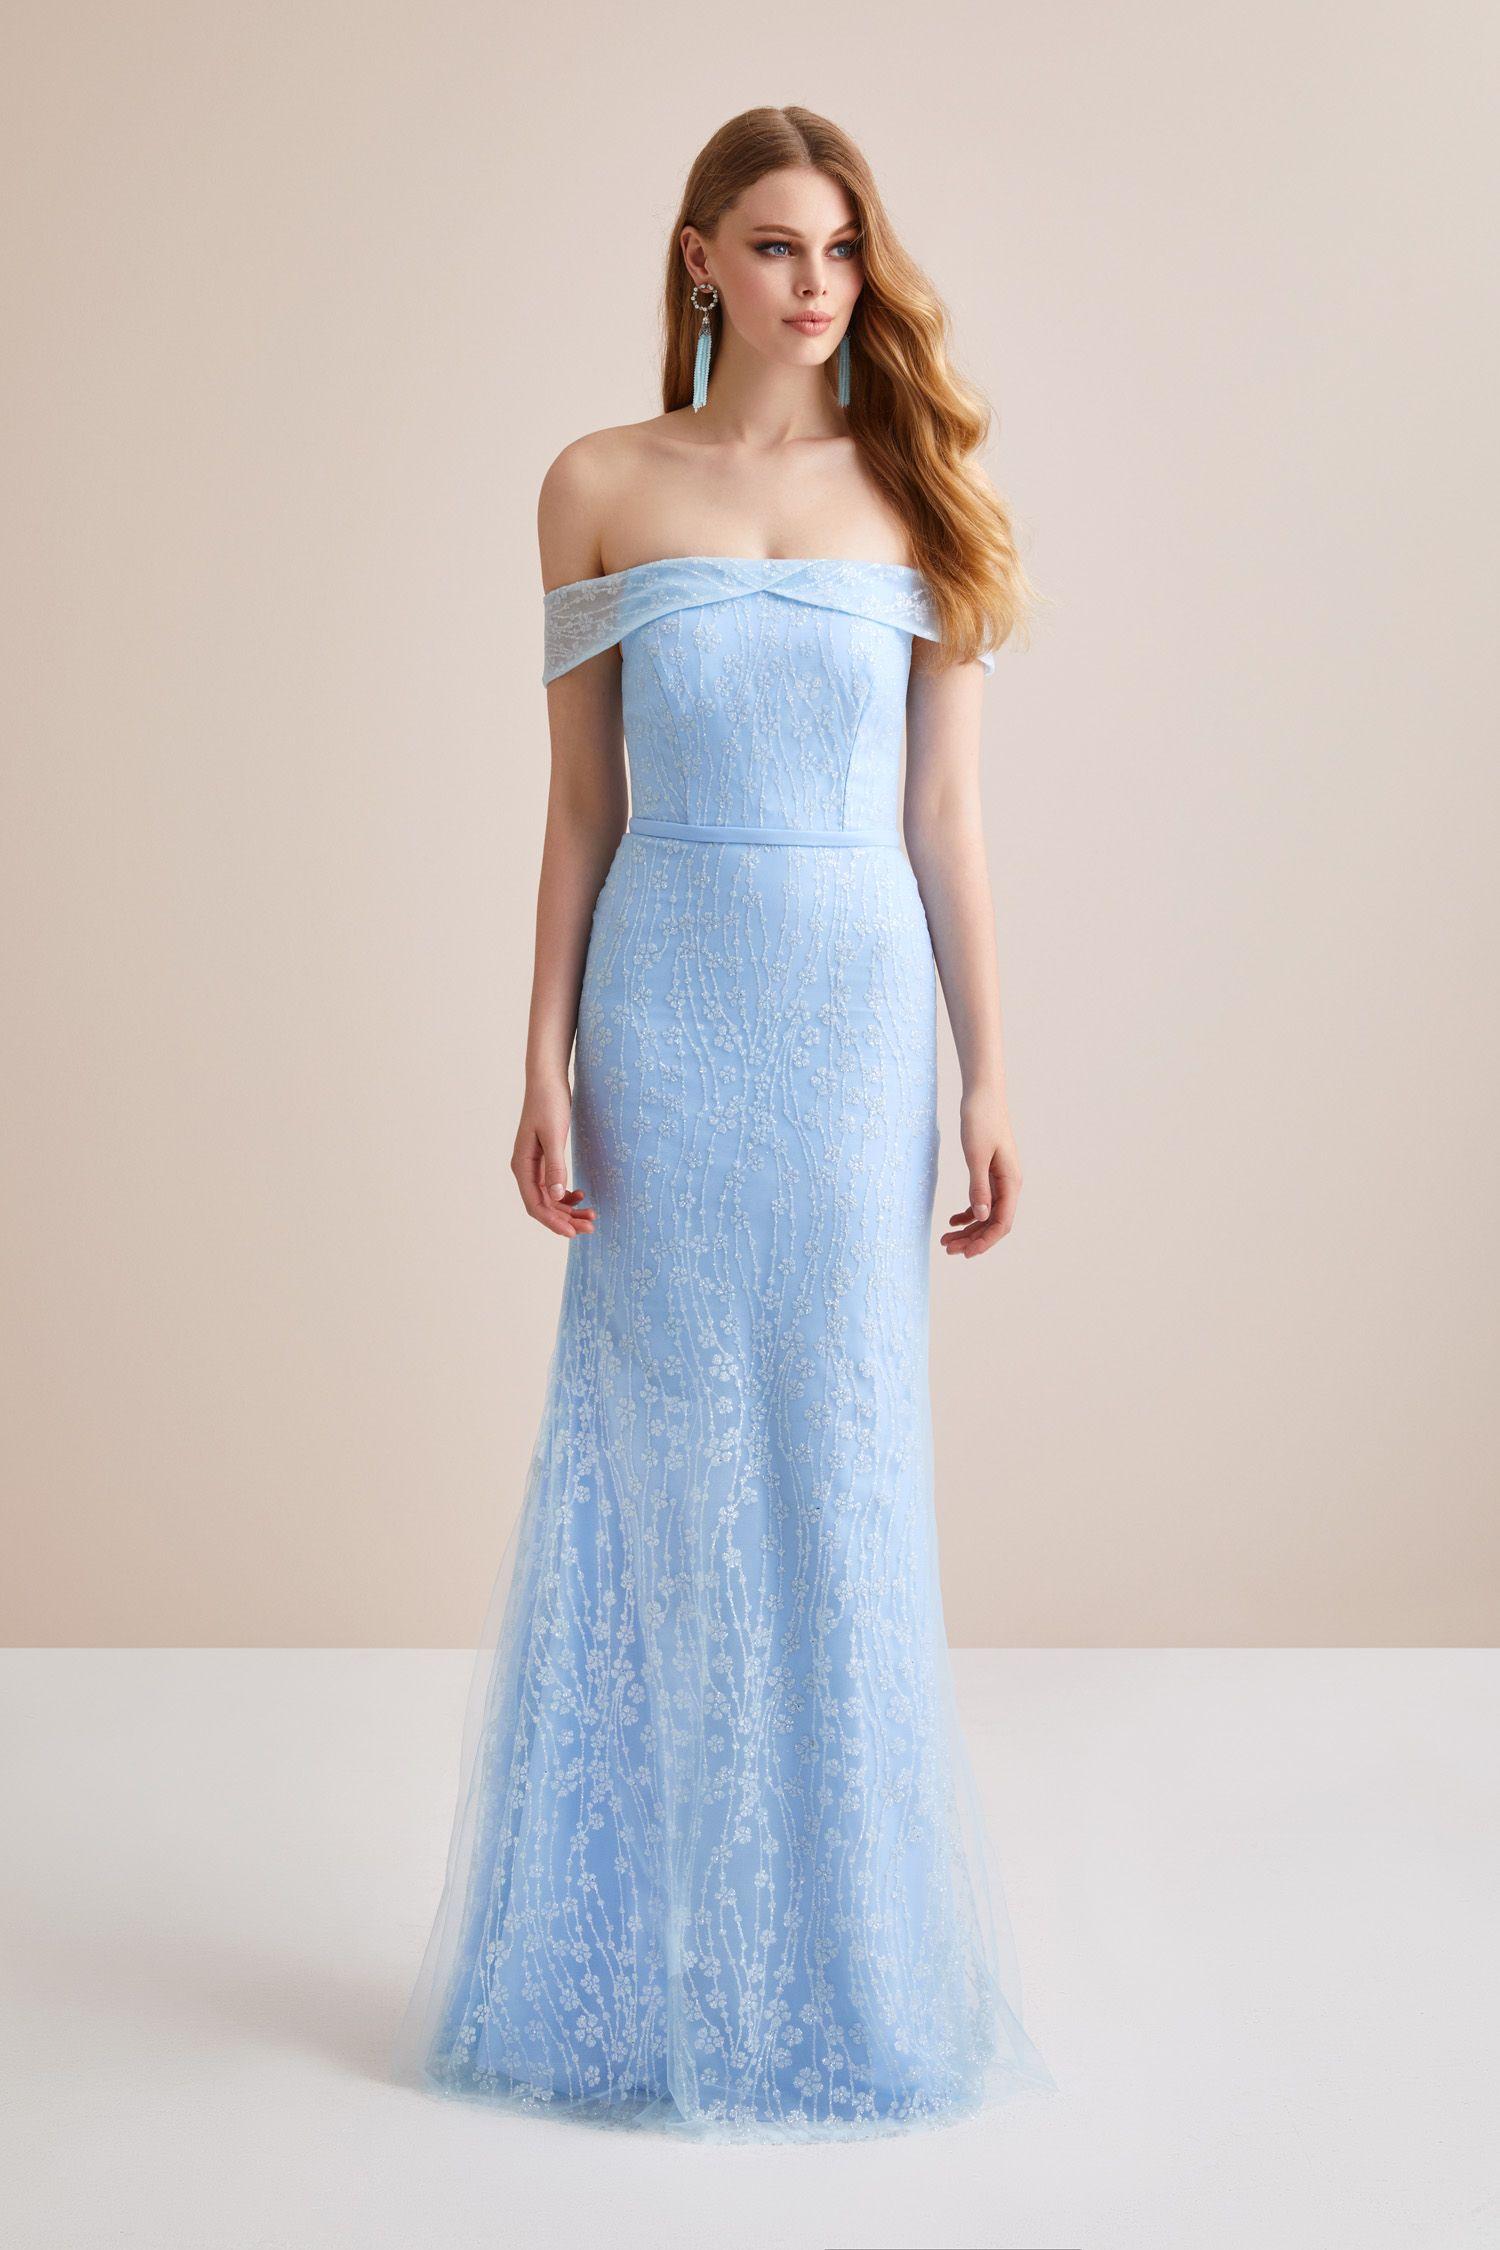 8f168bd3e4a69 Buz Mavisi Kayık Yaka Dantel Uzun Abiye Elbise. Düğün gününde gelinin en  yakın arkadaşı Nedimeler